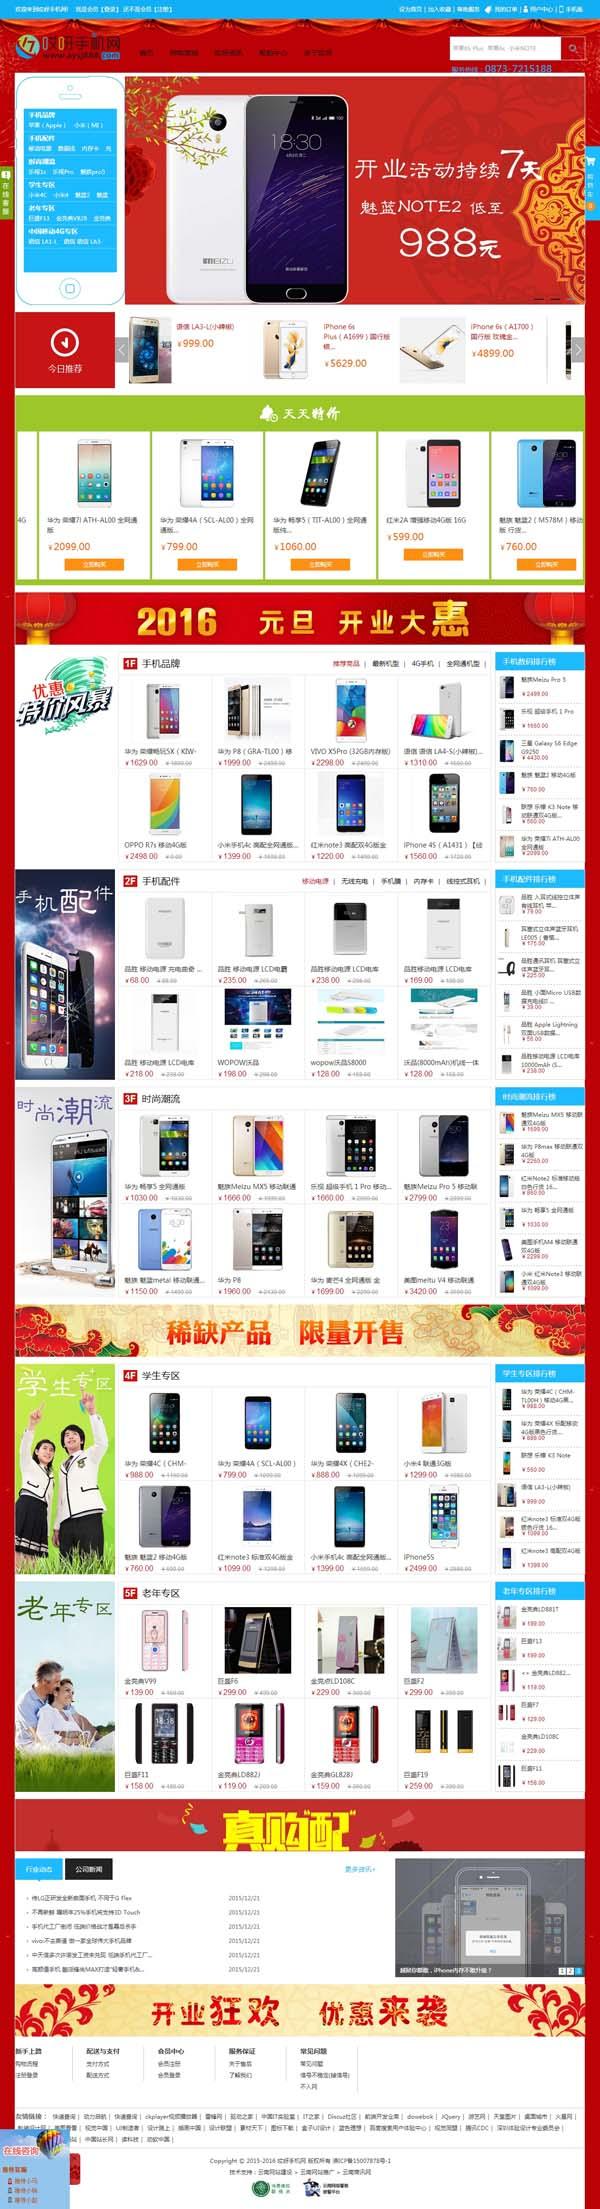 必威app官方下载网站制作